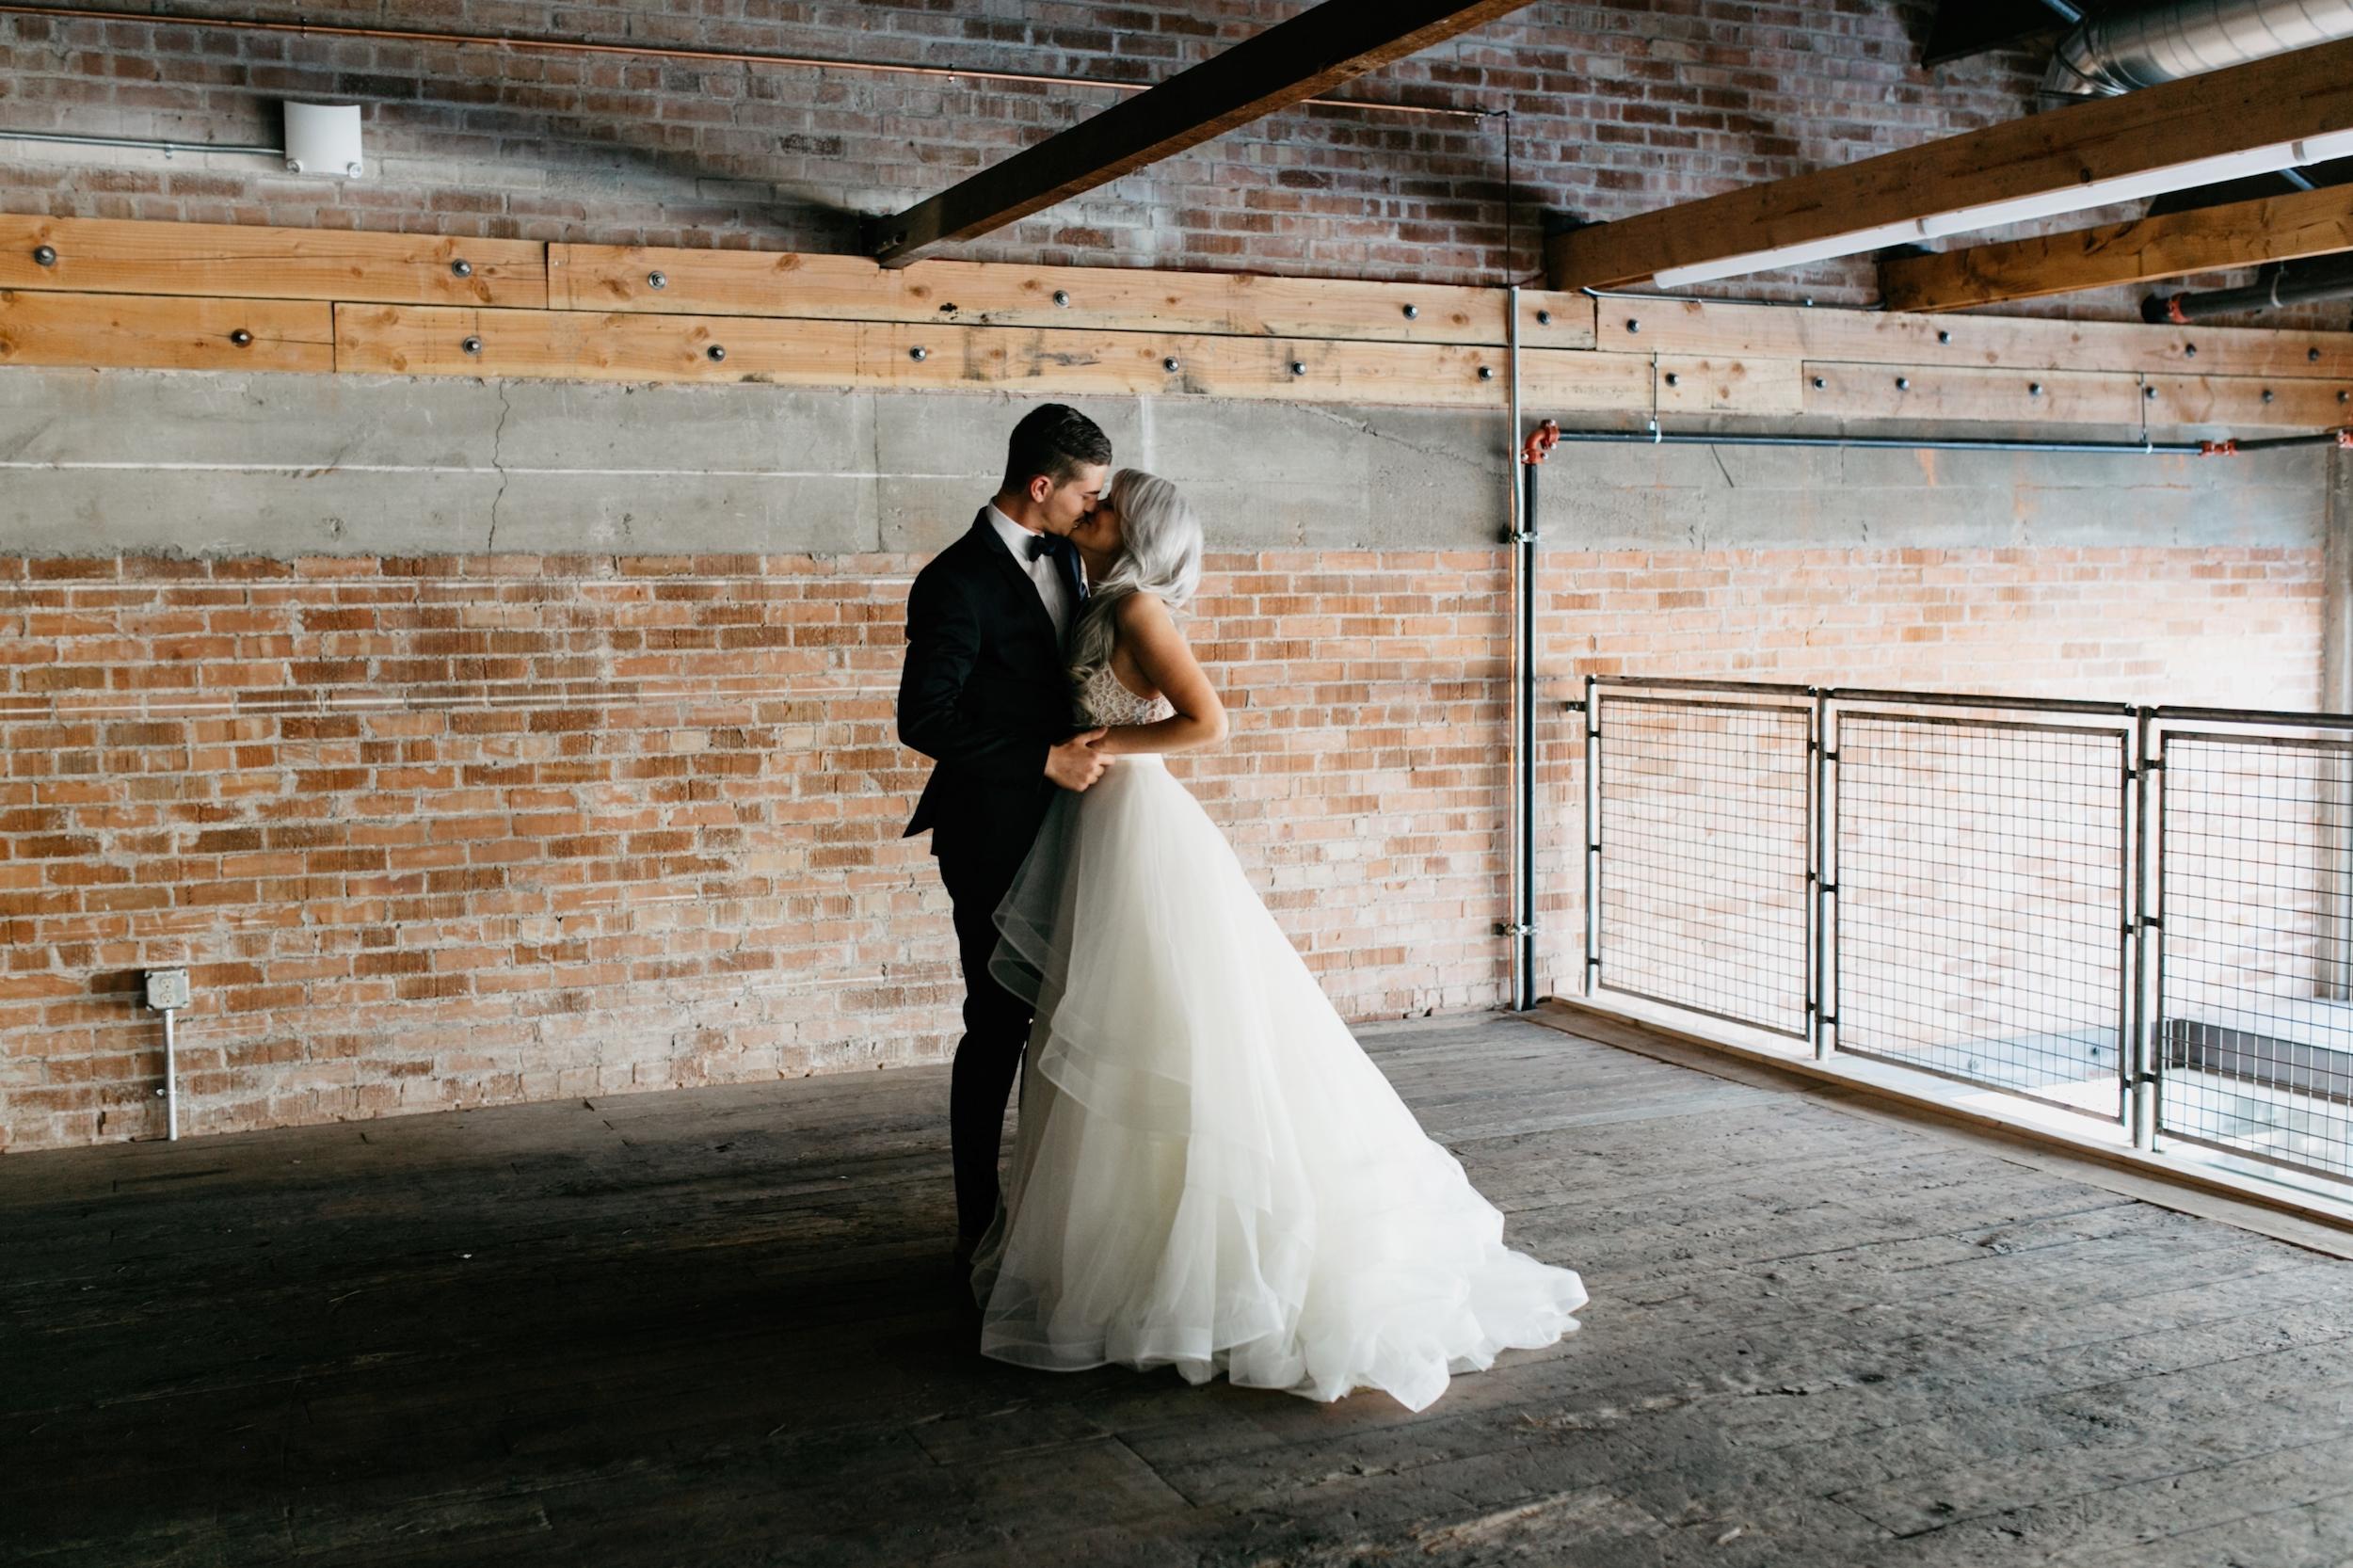 arizona - wedding - photography 01238.jpg